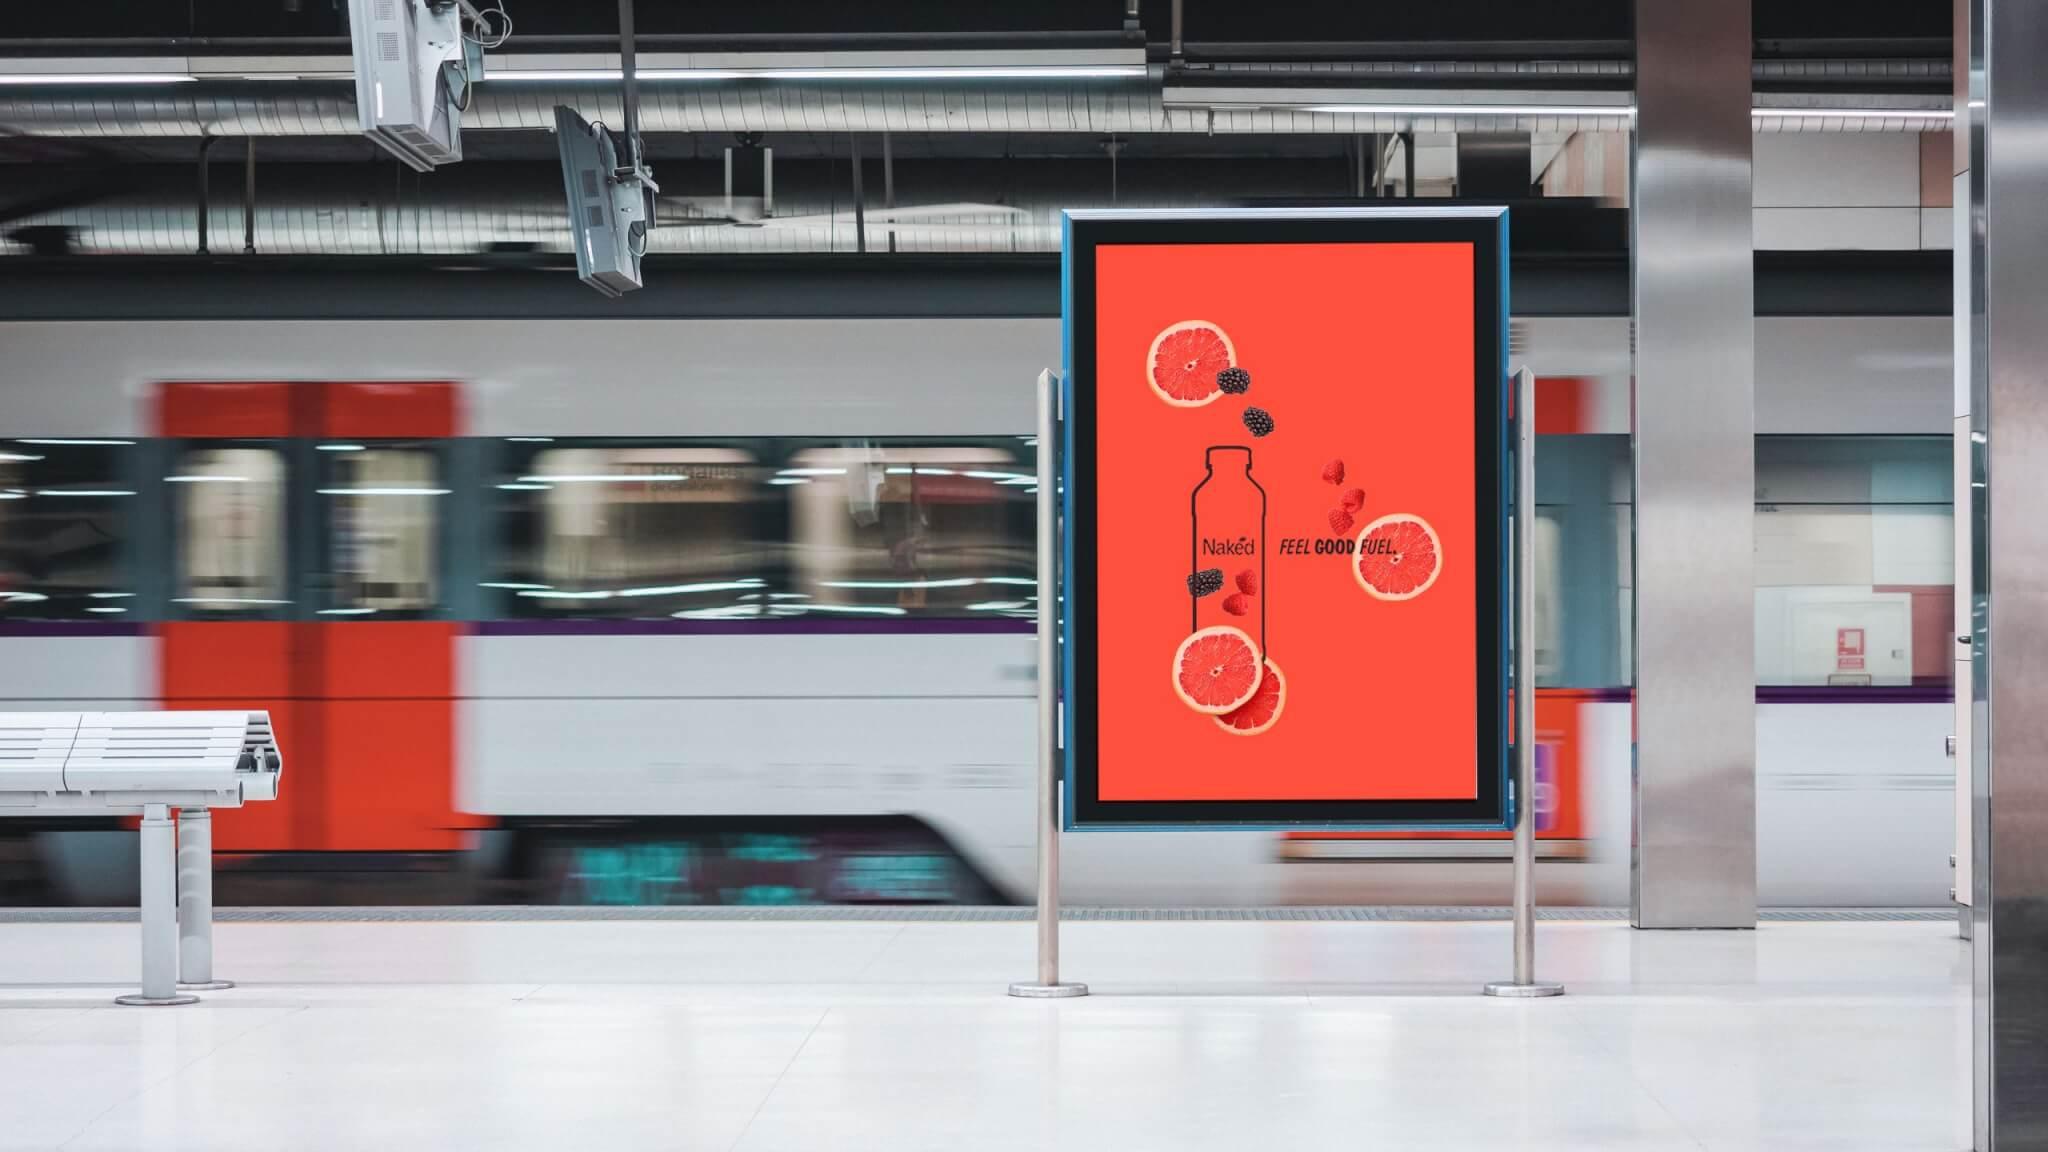 nj_06_transit